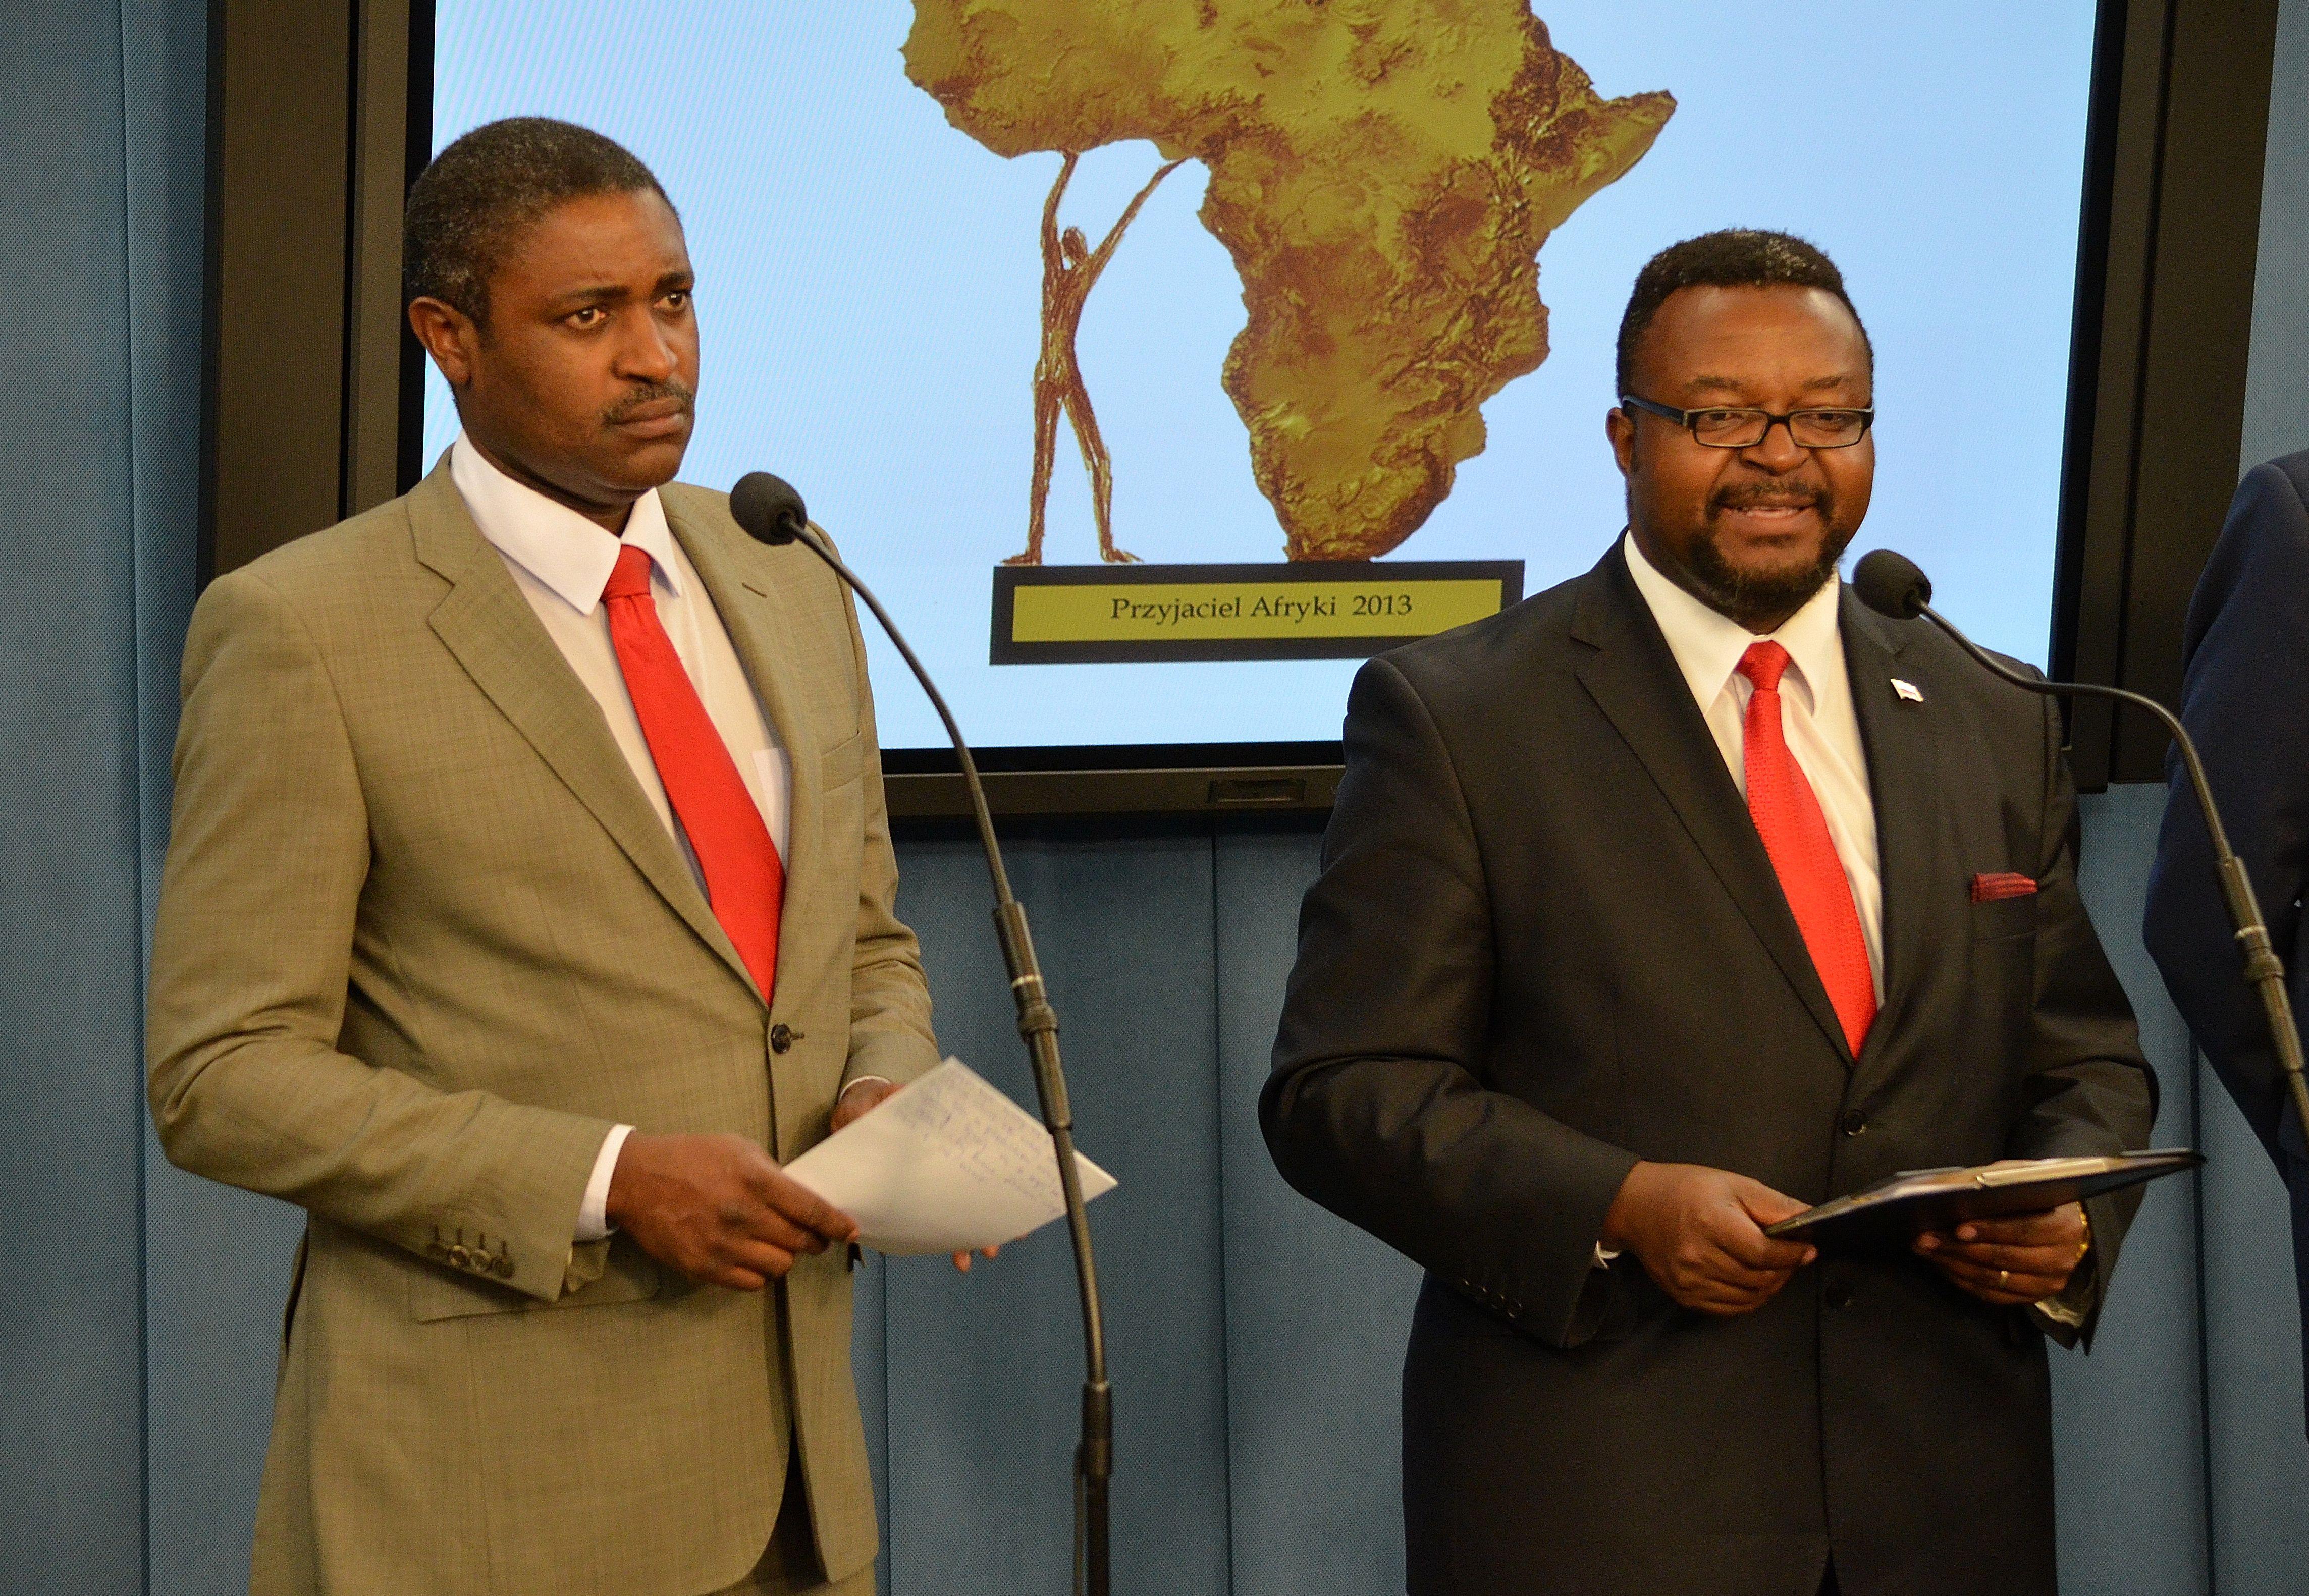 Killion Munyama John Godson Sejm 2013